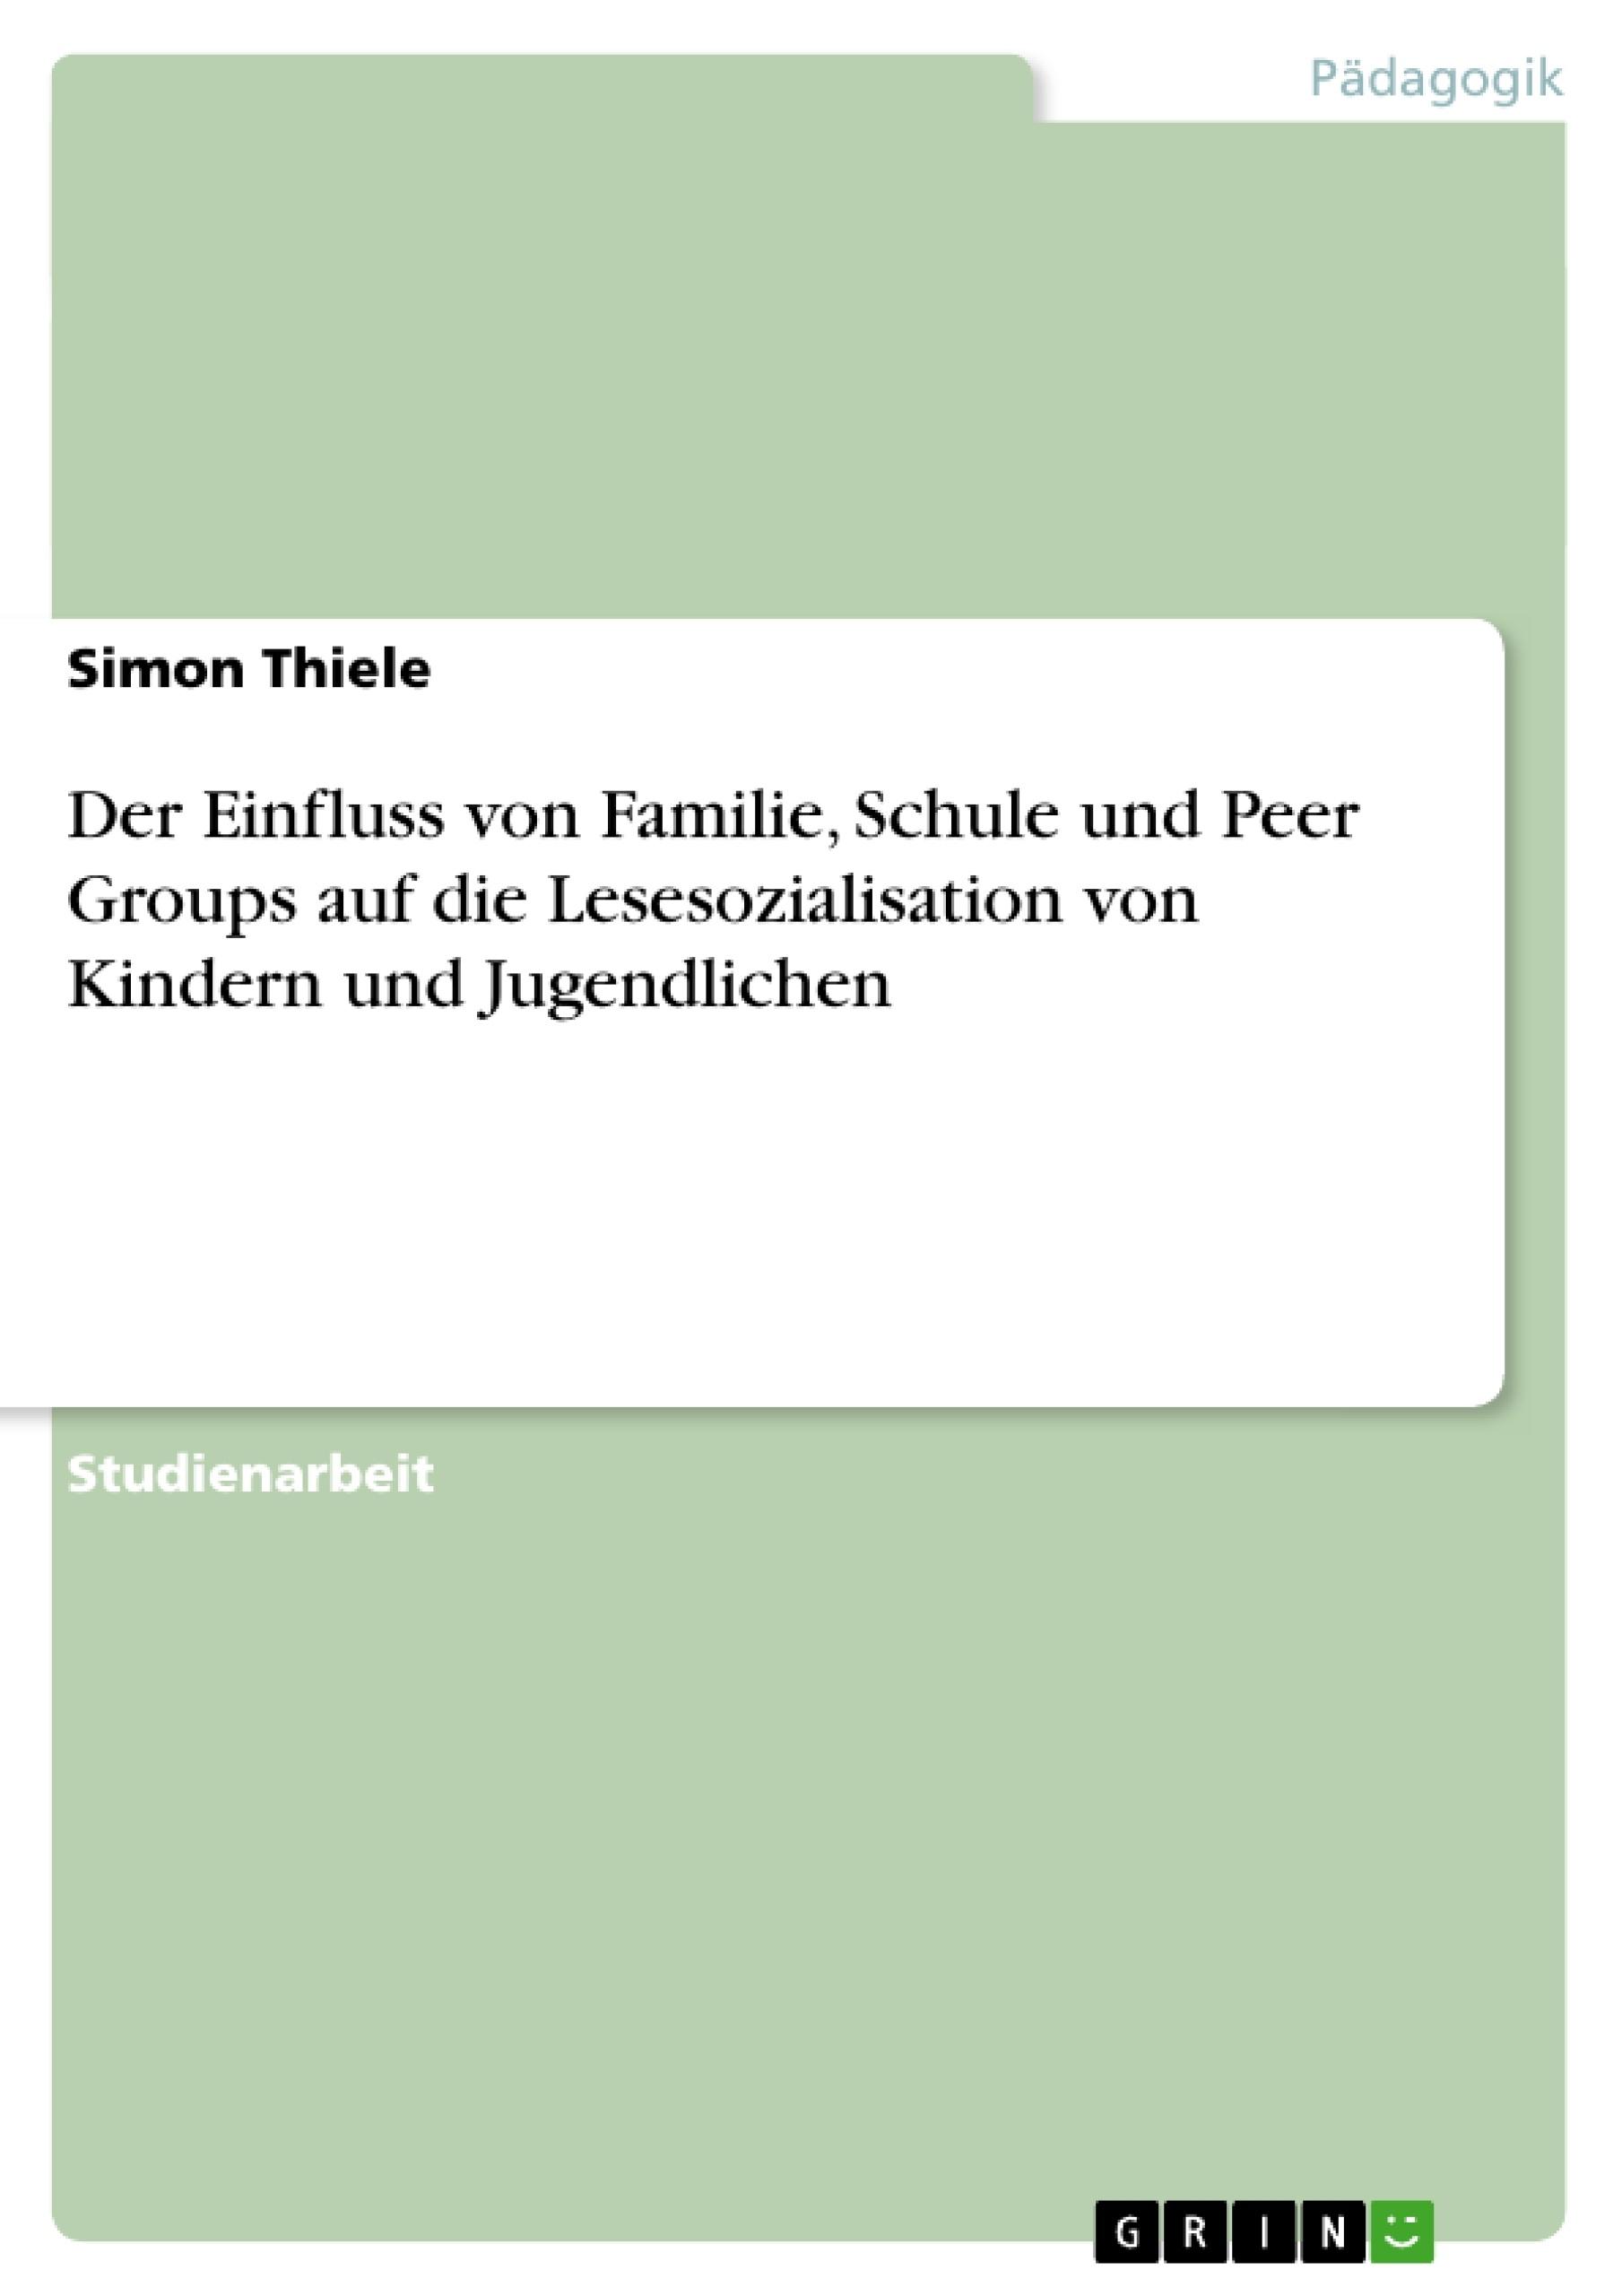 Titel: Der Einfluss von Familie, Schule und Peer Groups auf die Lesesozialisation von Kindern und Jugendlichen